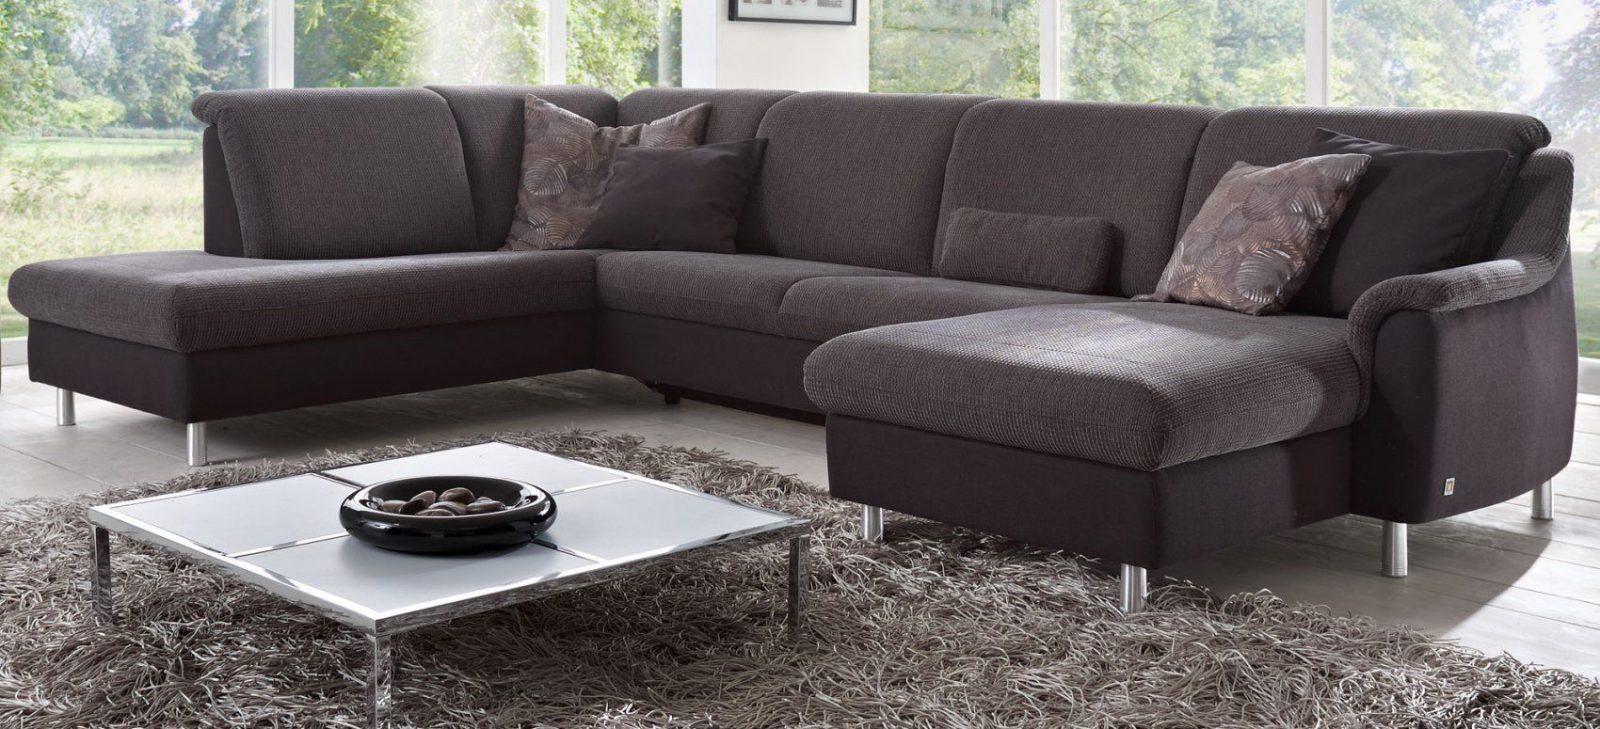 Sofa Mit Bettfunktion Und Bettkasten Gunstig Schlaffunktion von Ecksofa Mit Schlaffunktion Poco Bild